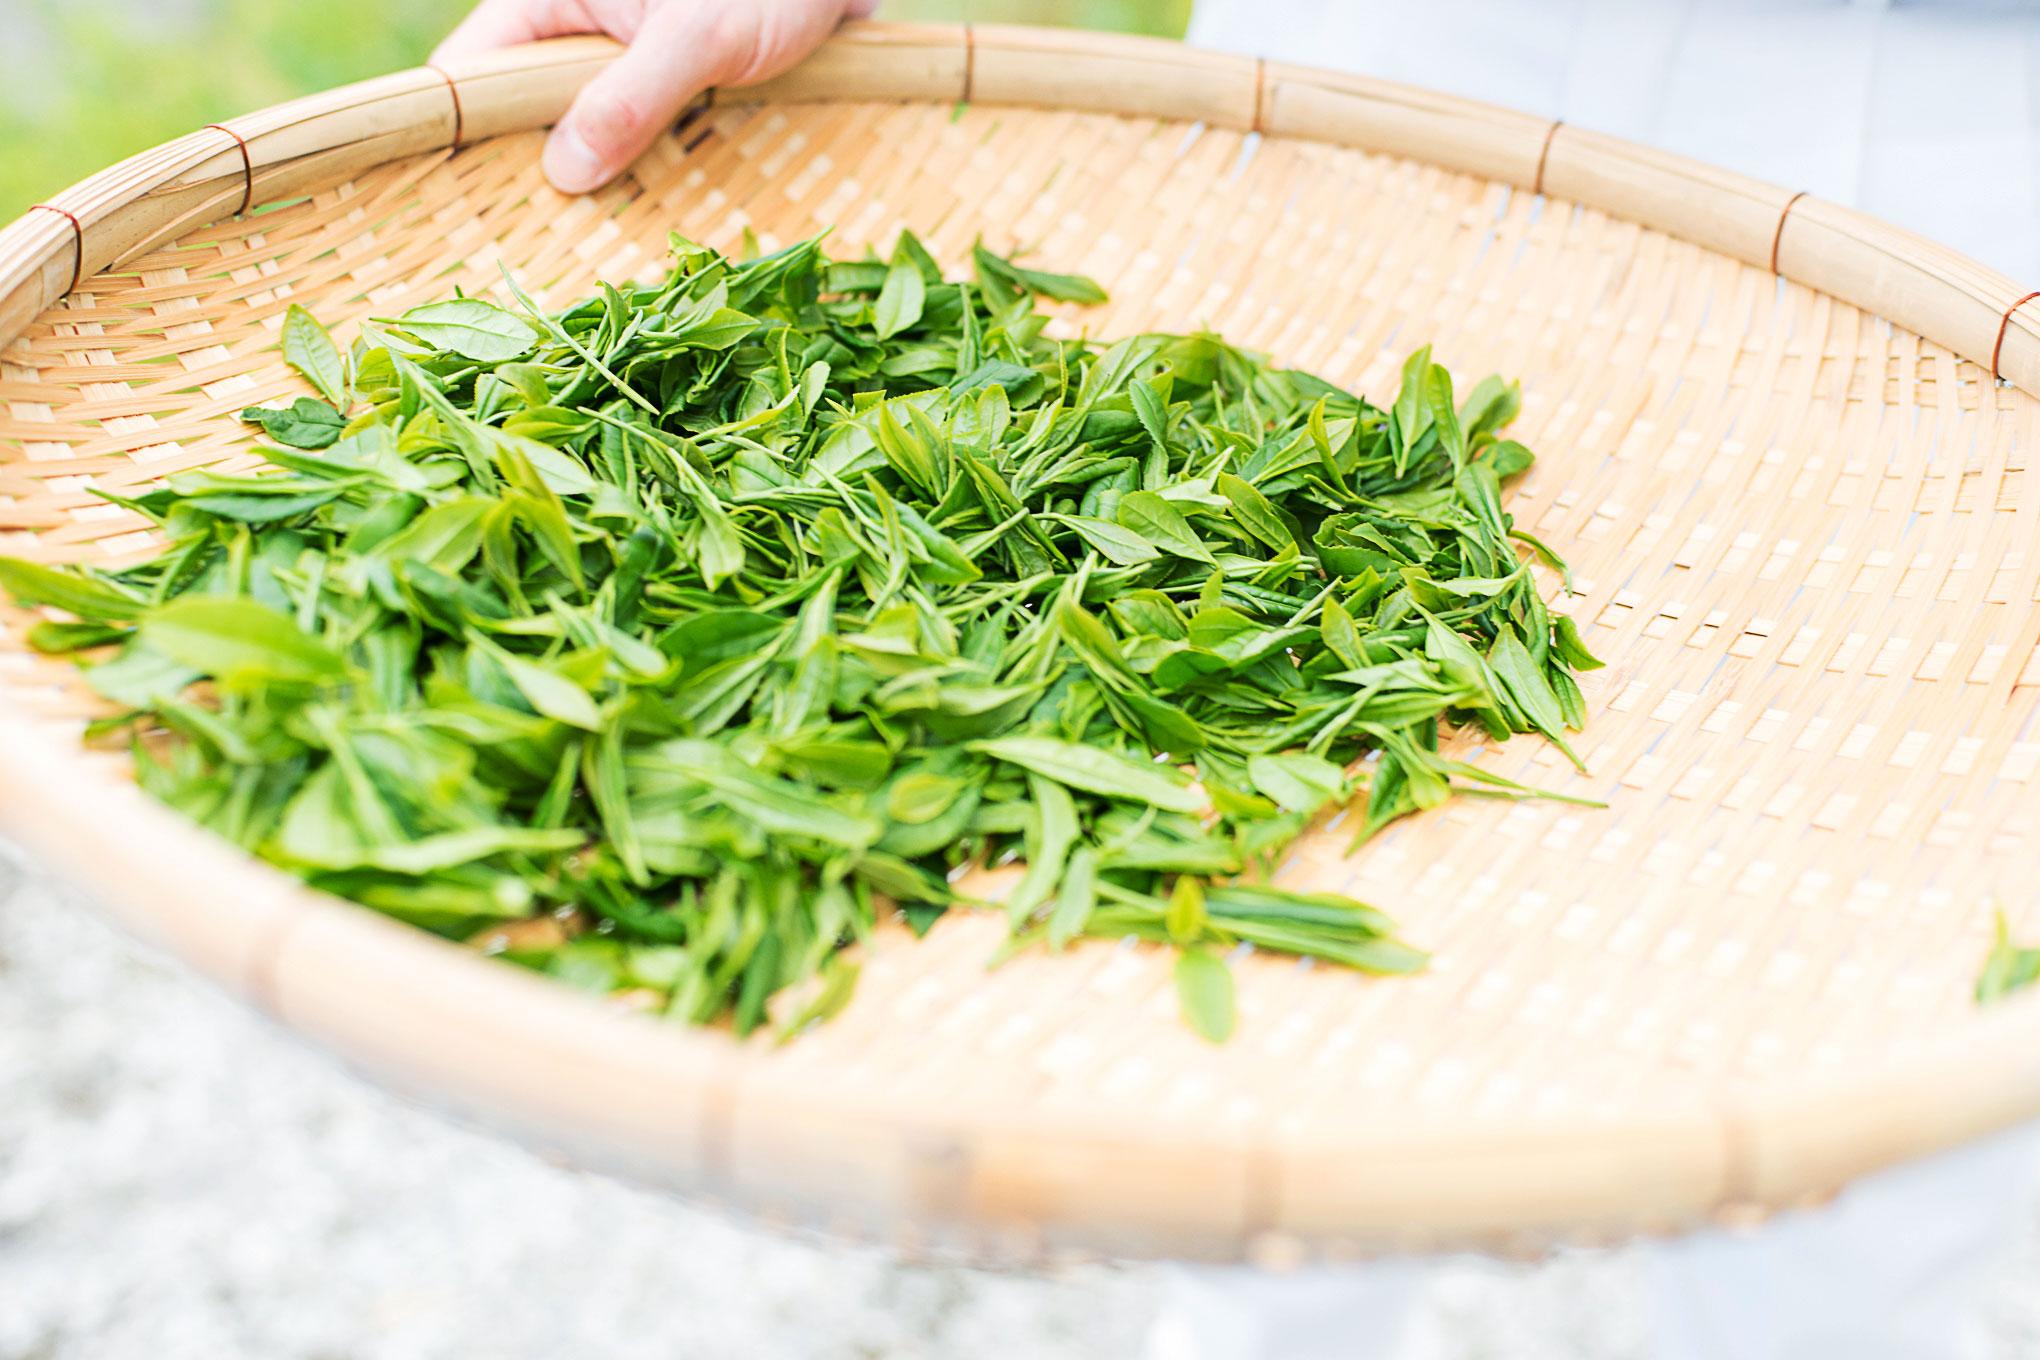 自分ちの茶畑からお茶摘みして自家製烏龍茶を作った話し。